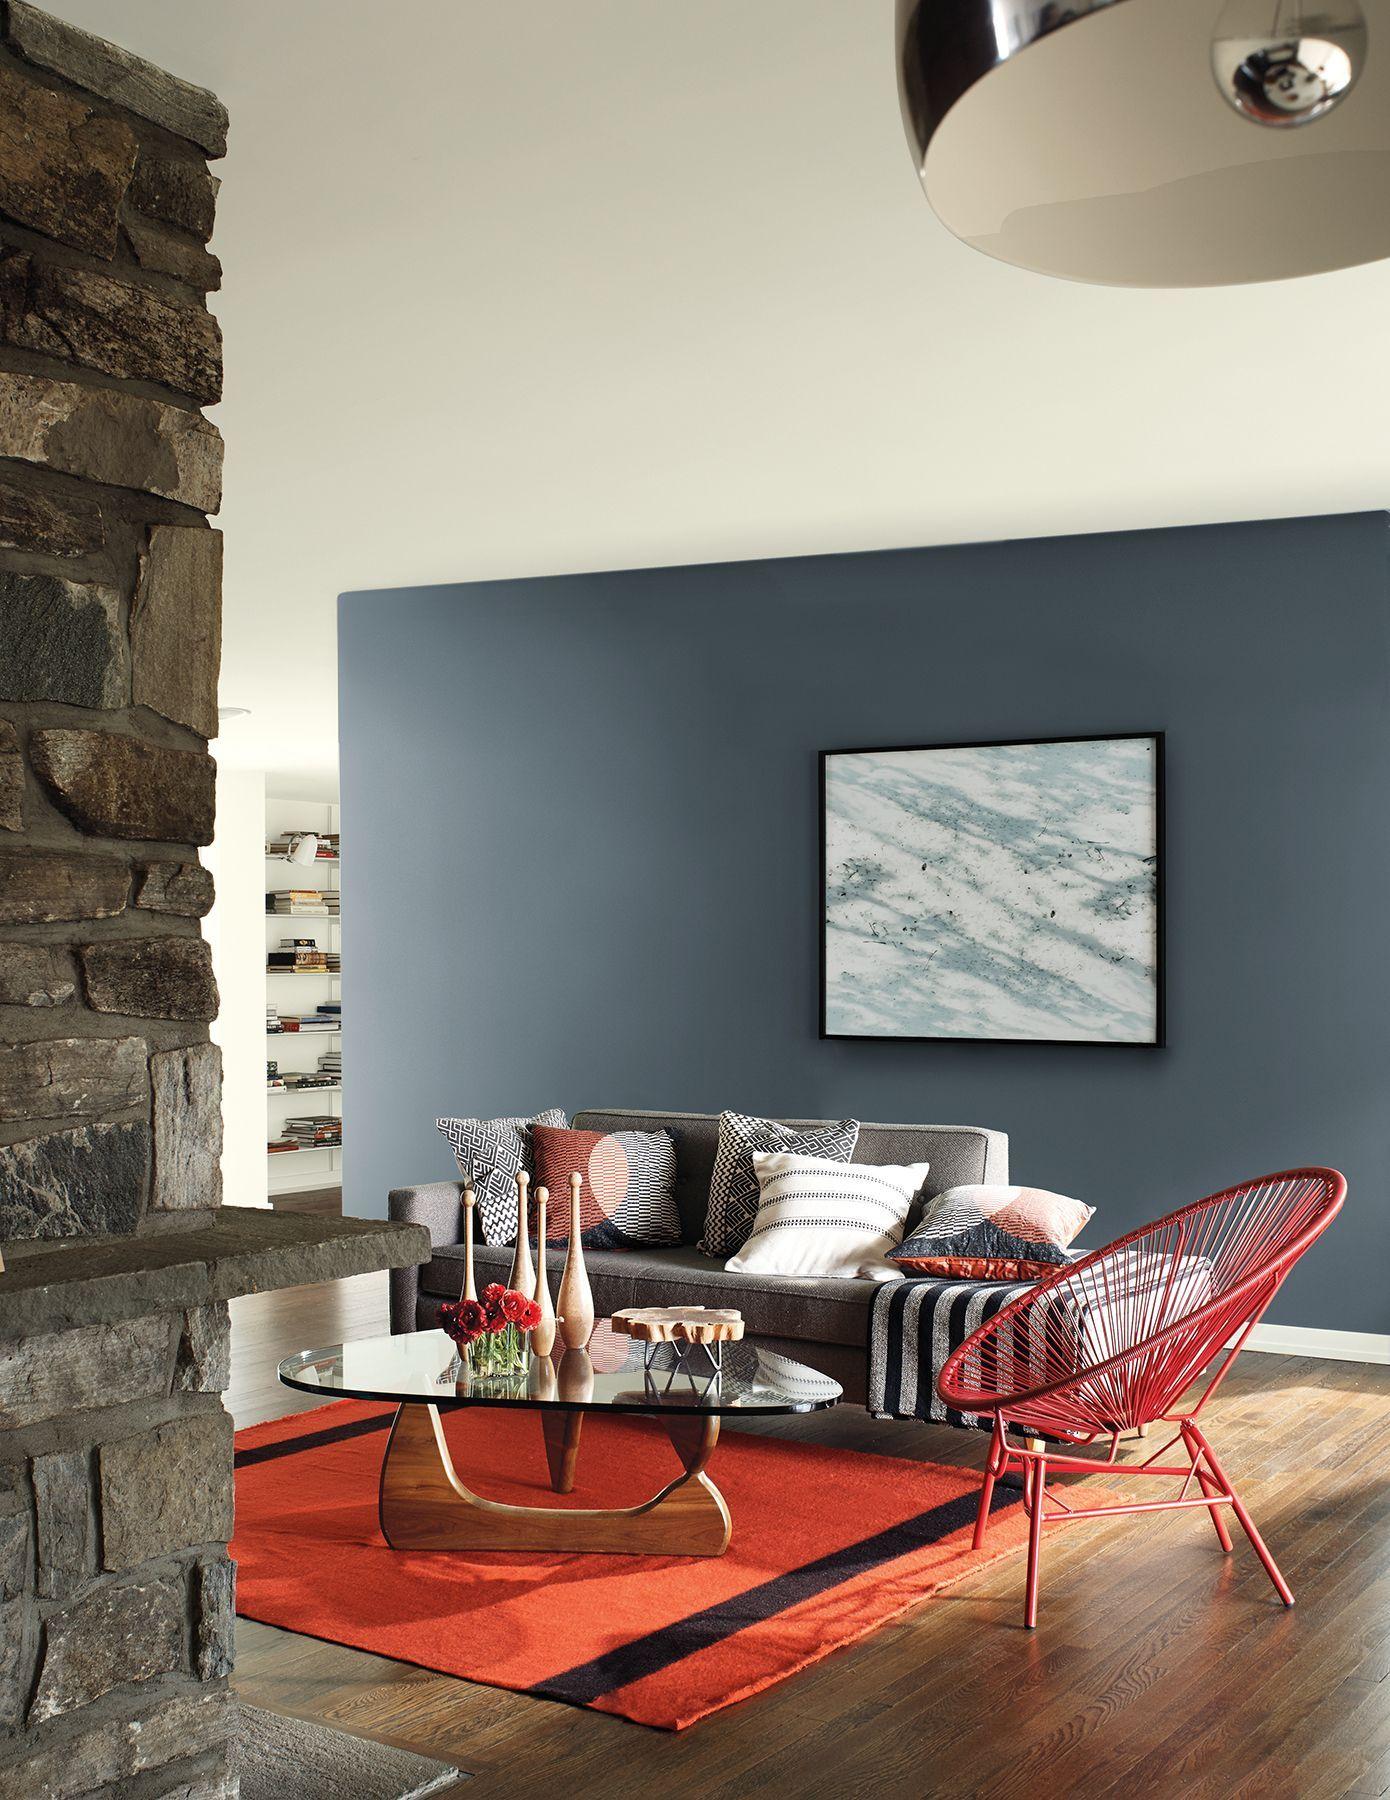 8 Best Living Room Ideas Luxury Living Room Decor Furniture Living Room Colors Living Room Paint Living Room Paint Color Inspiration